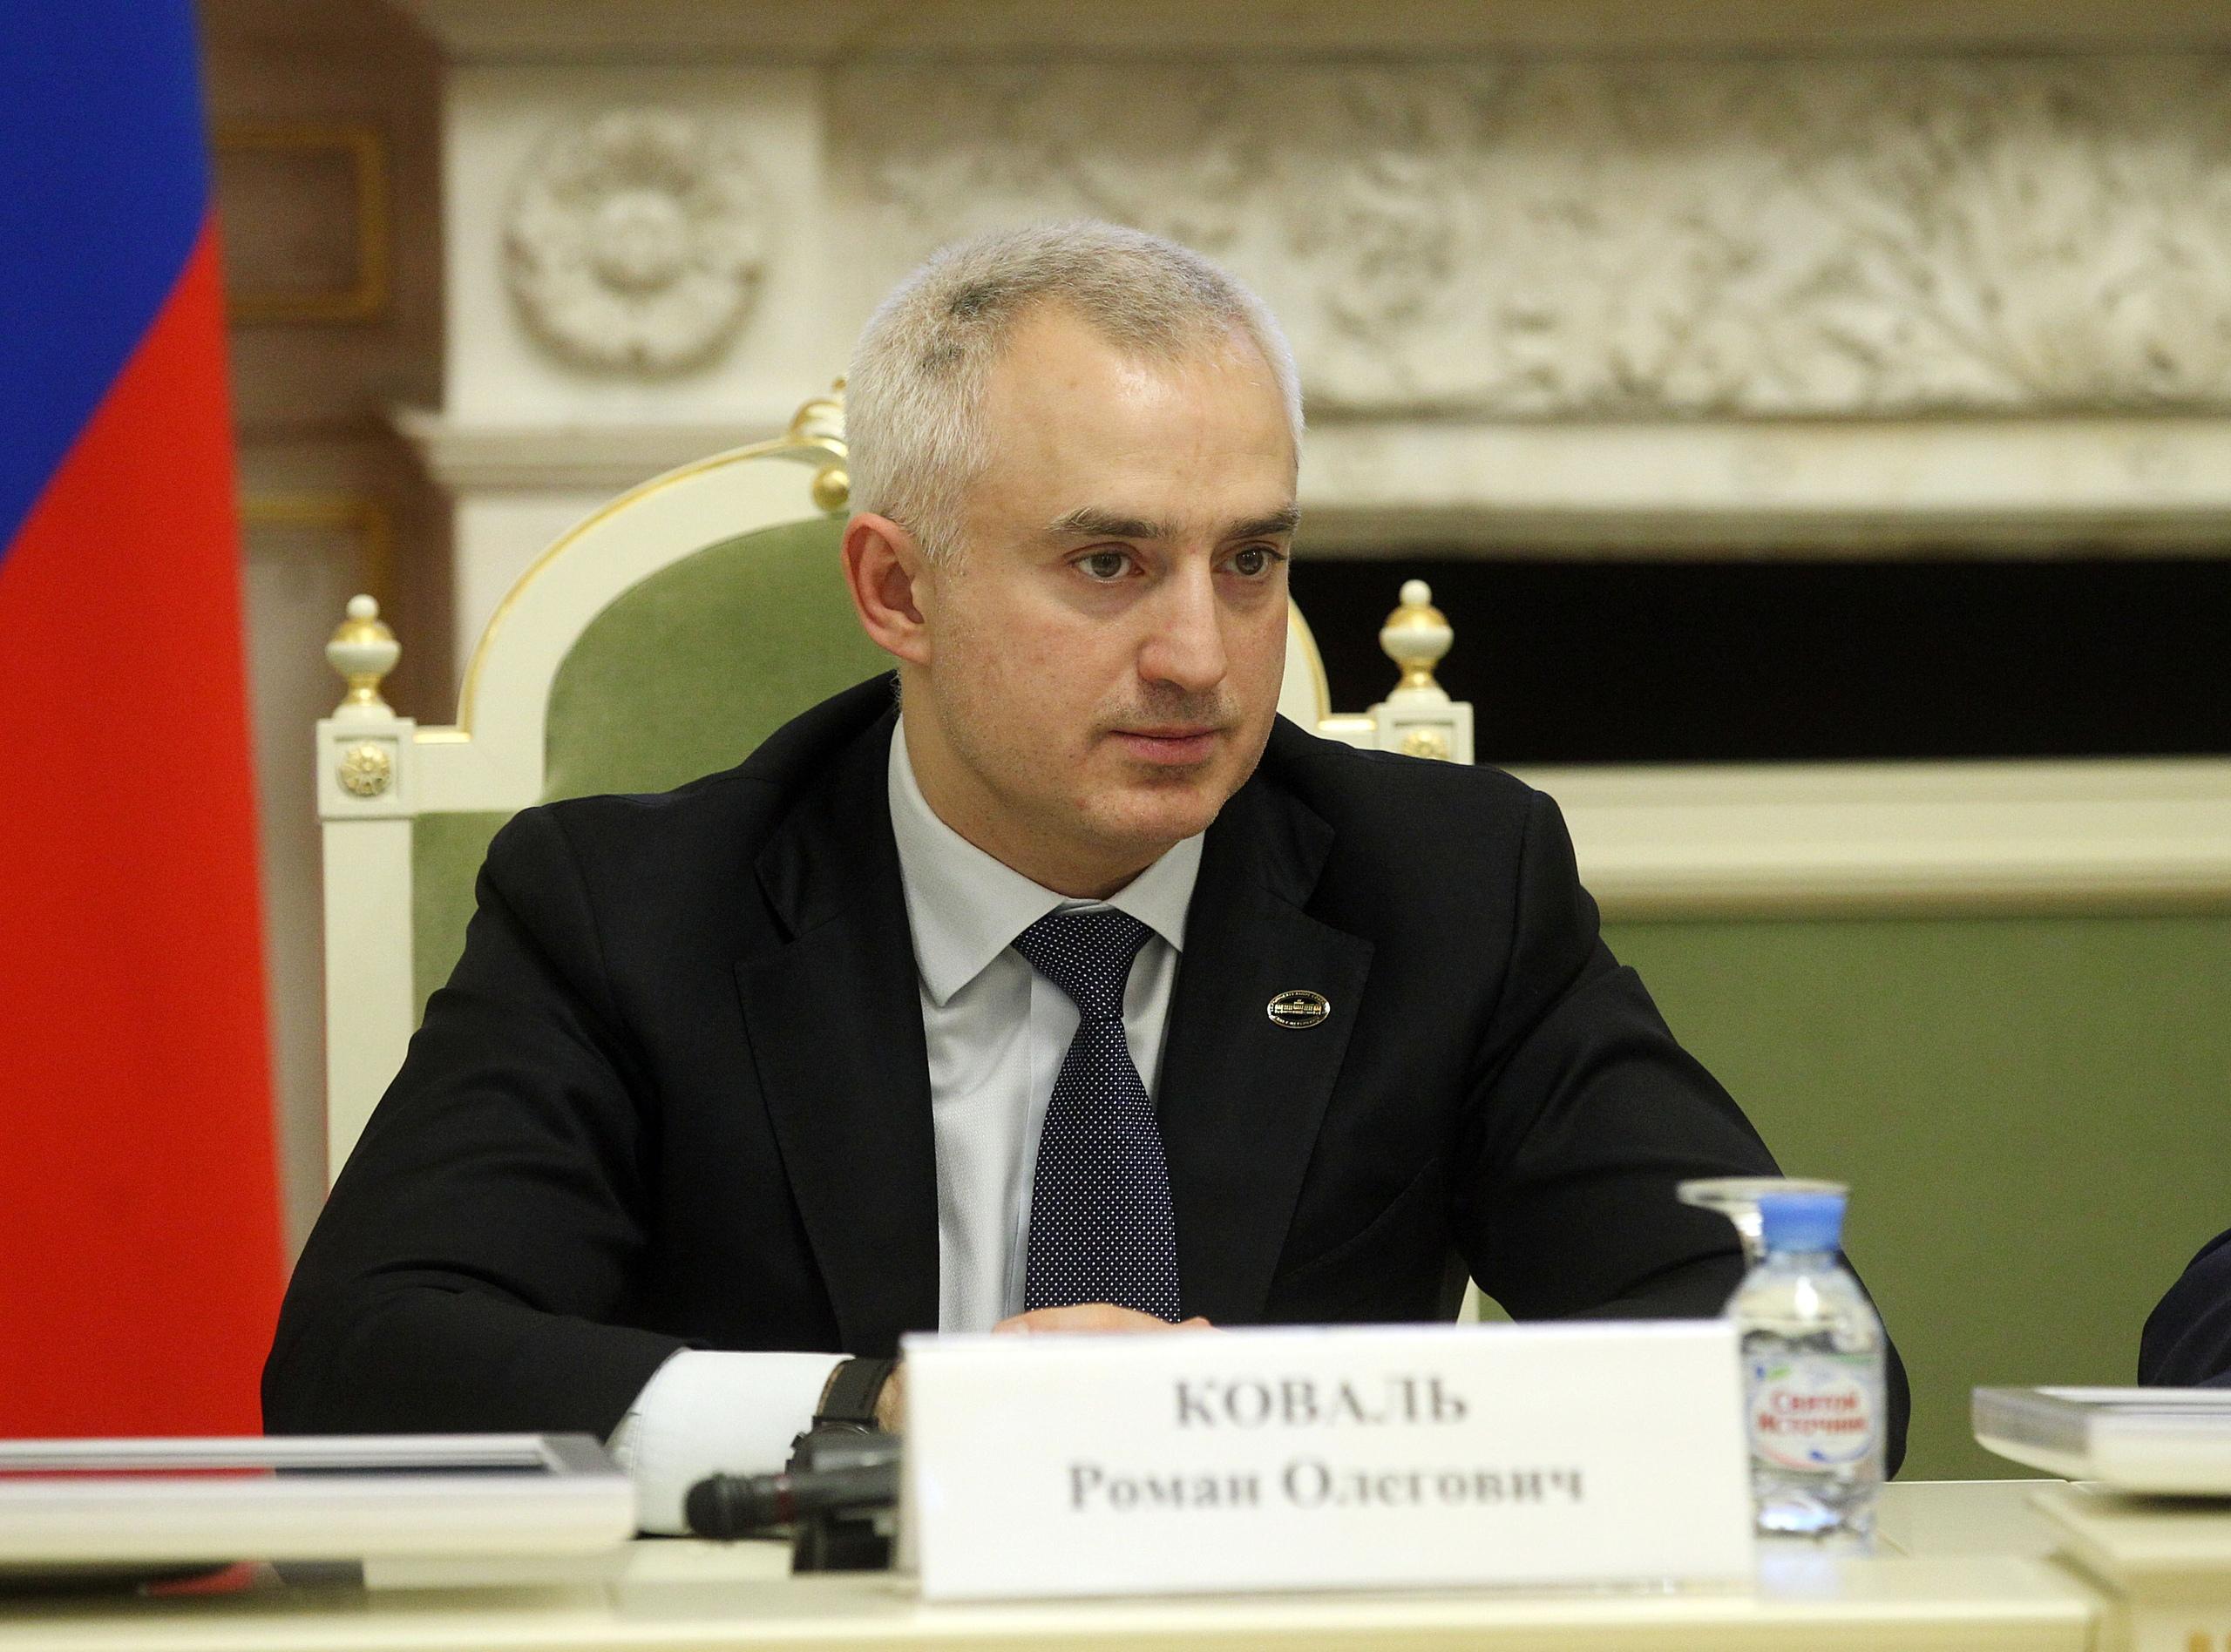 Петербургского депутата задержали по подозрению в получении взяток на 15 миллионов